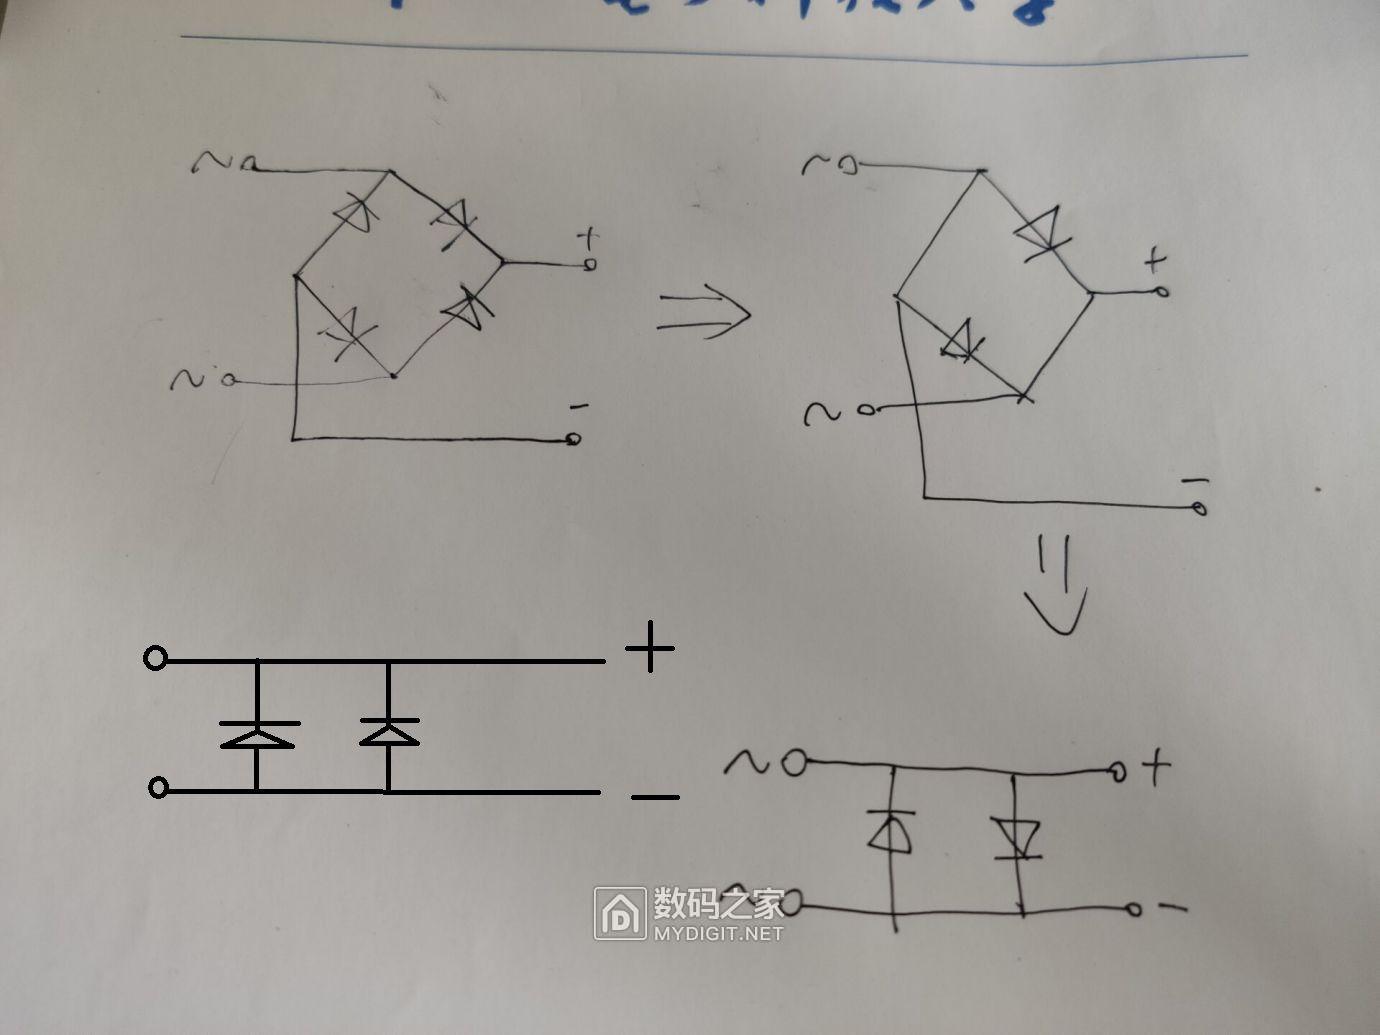 140502ir78bpqqp2qma7b6[1].jpg